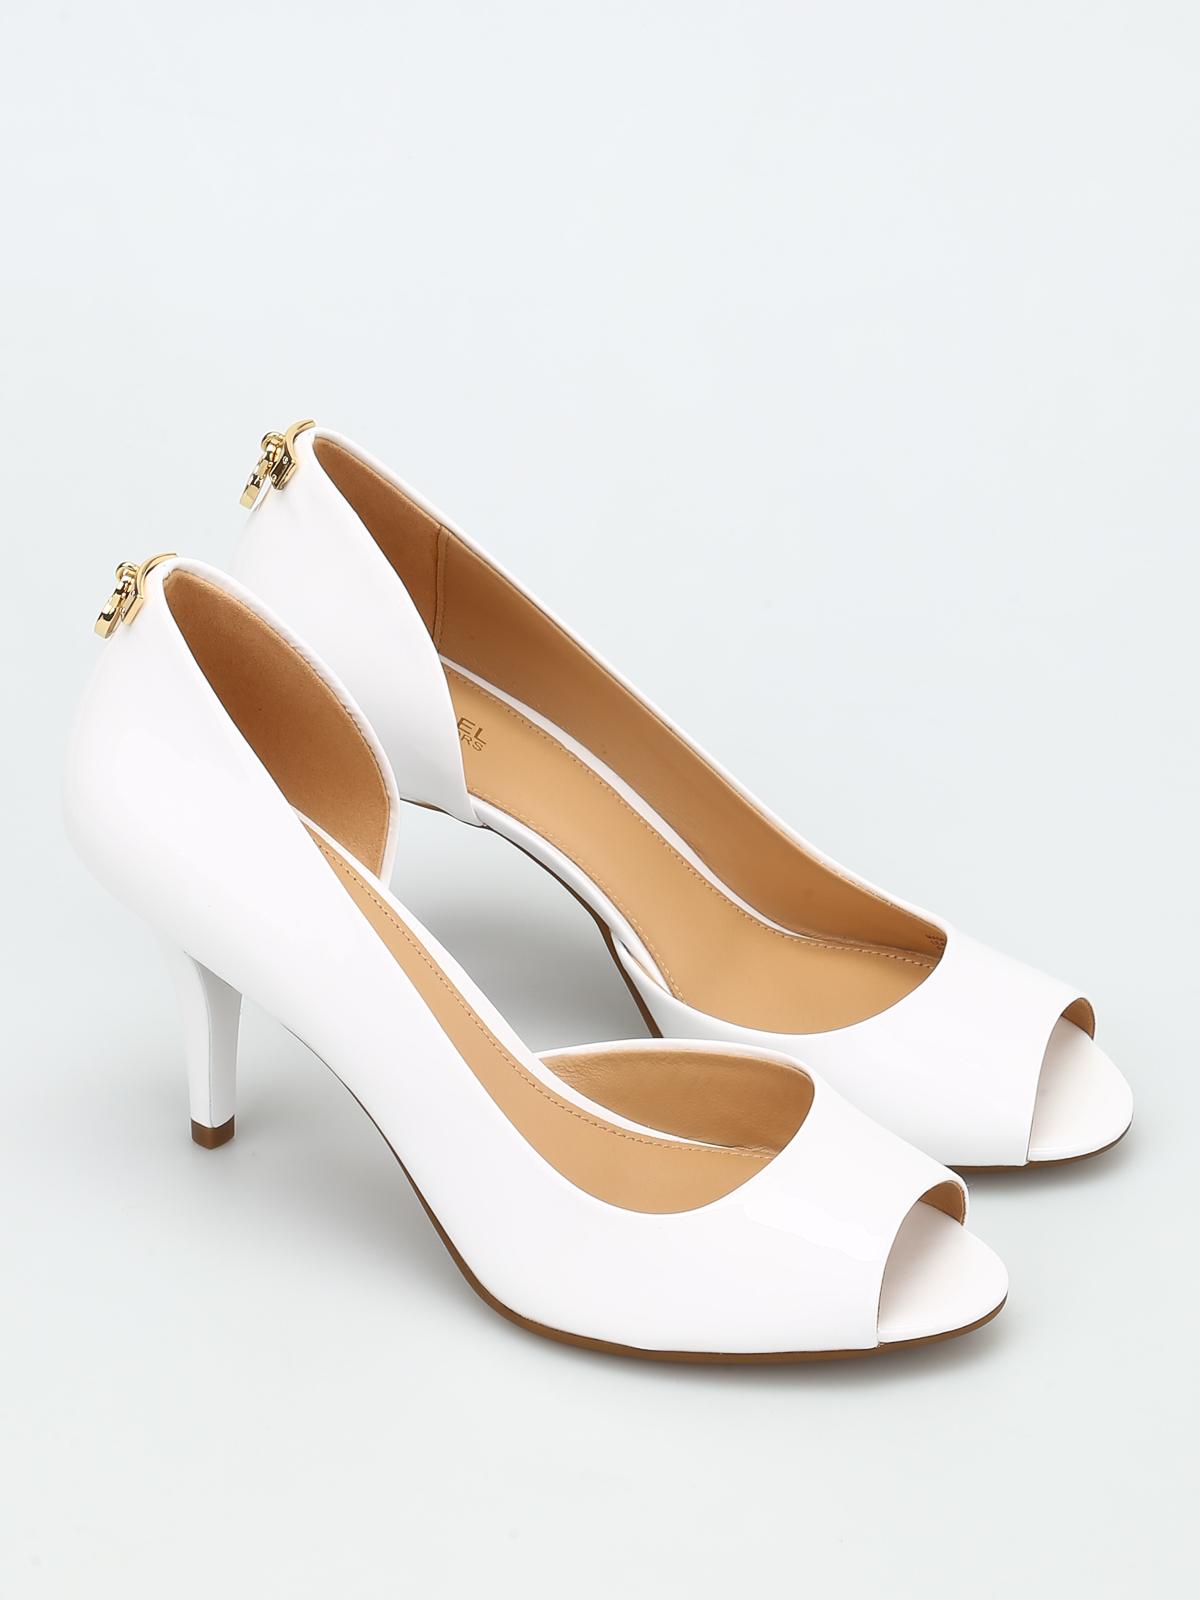 61b47218836c MICHAEL KORS  court shoes online - Hamilton patent leather court shoes